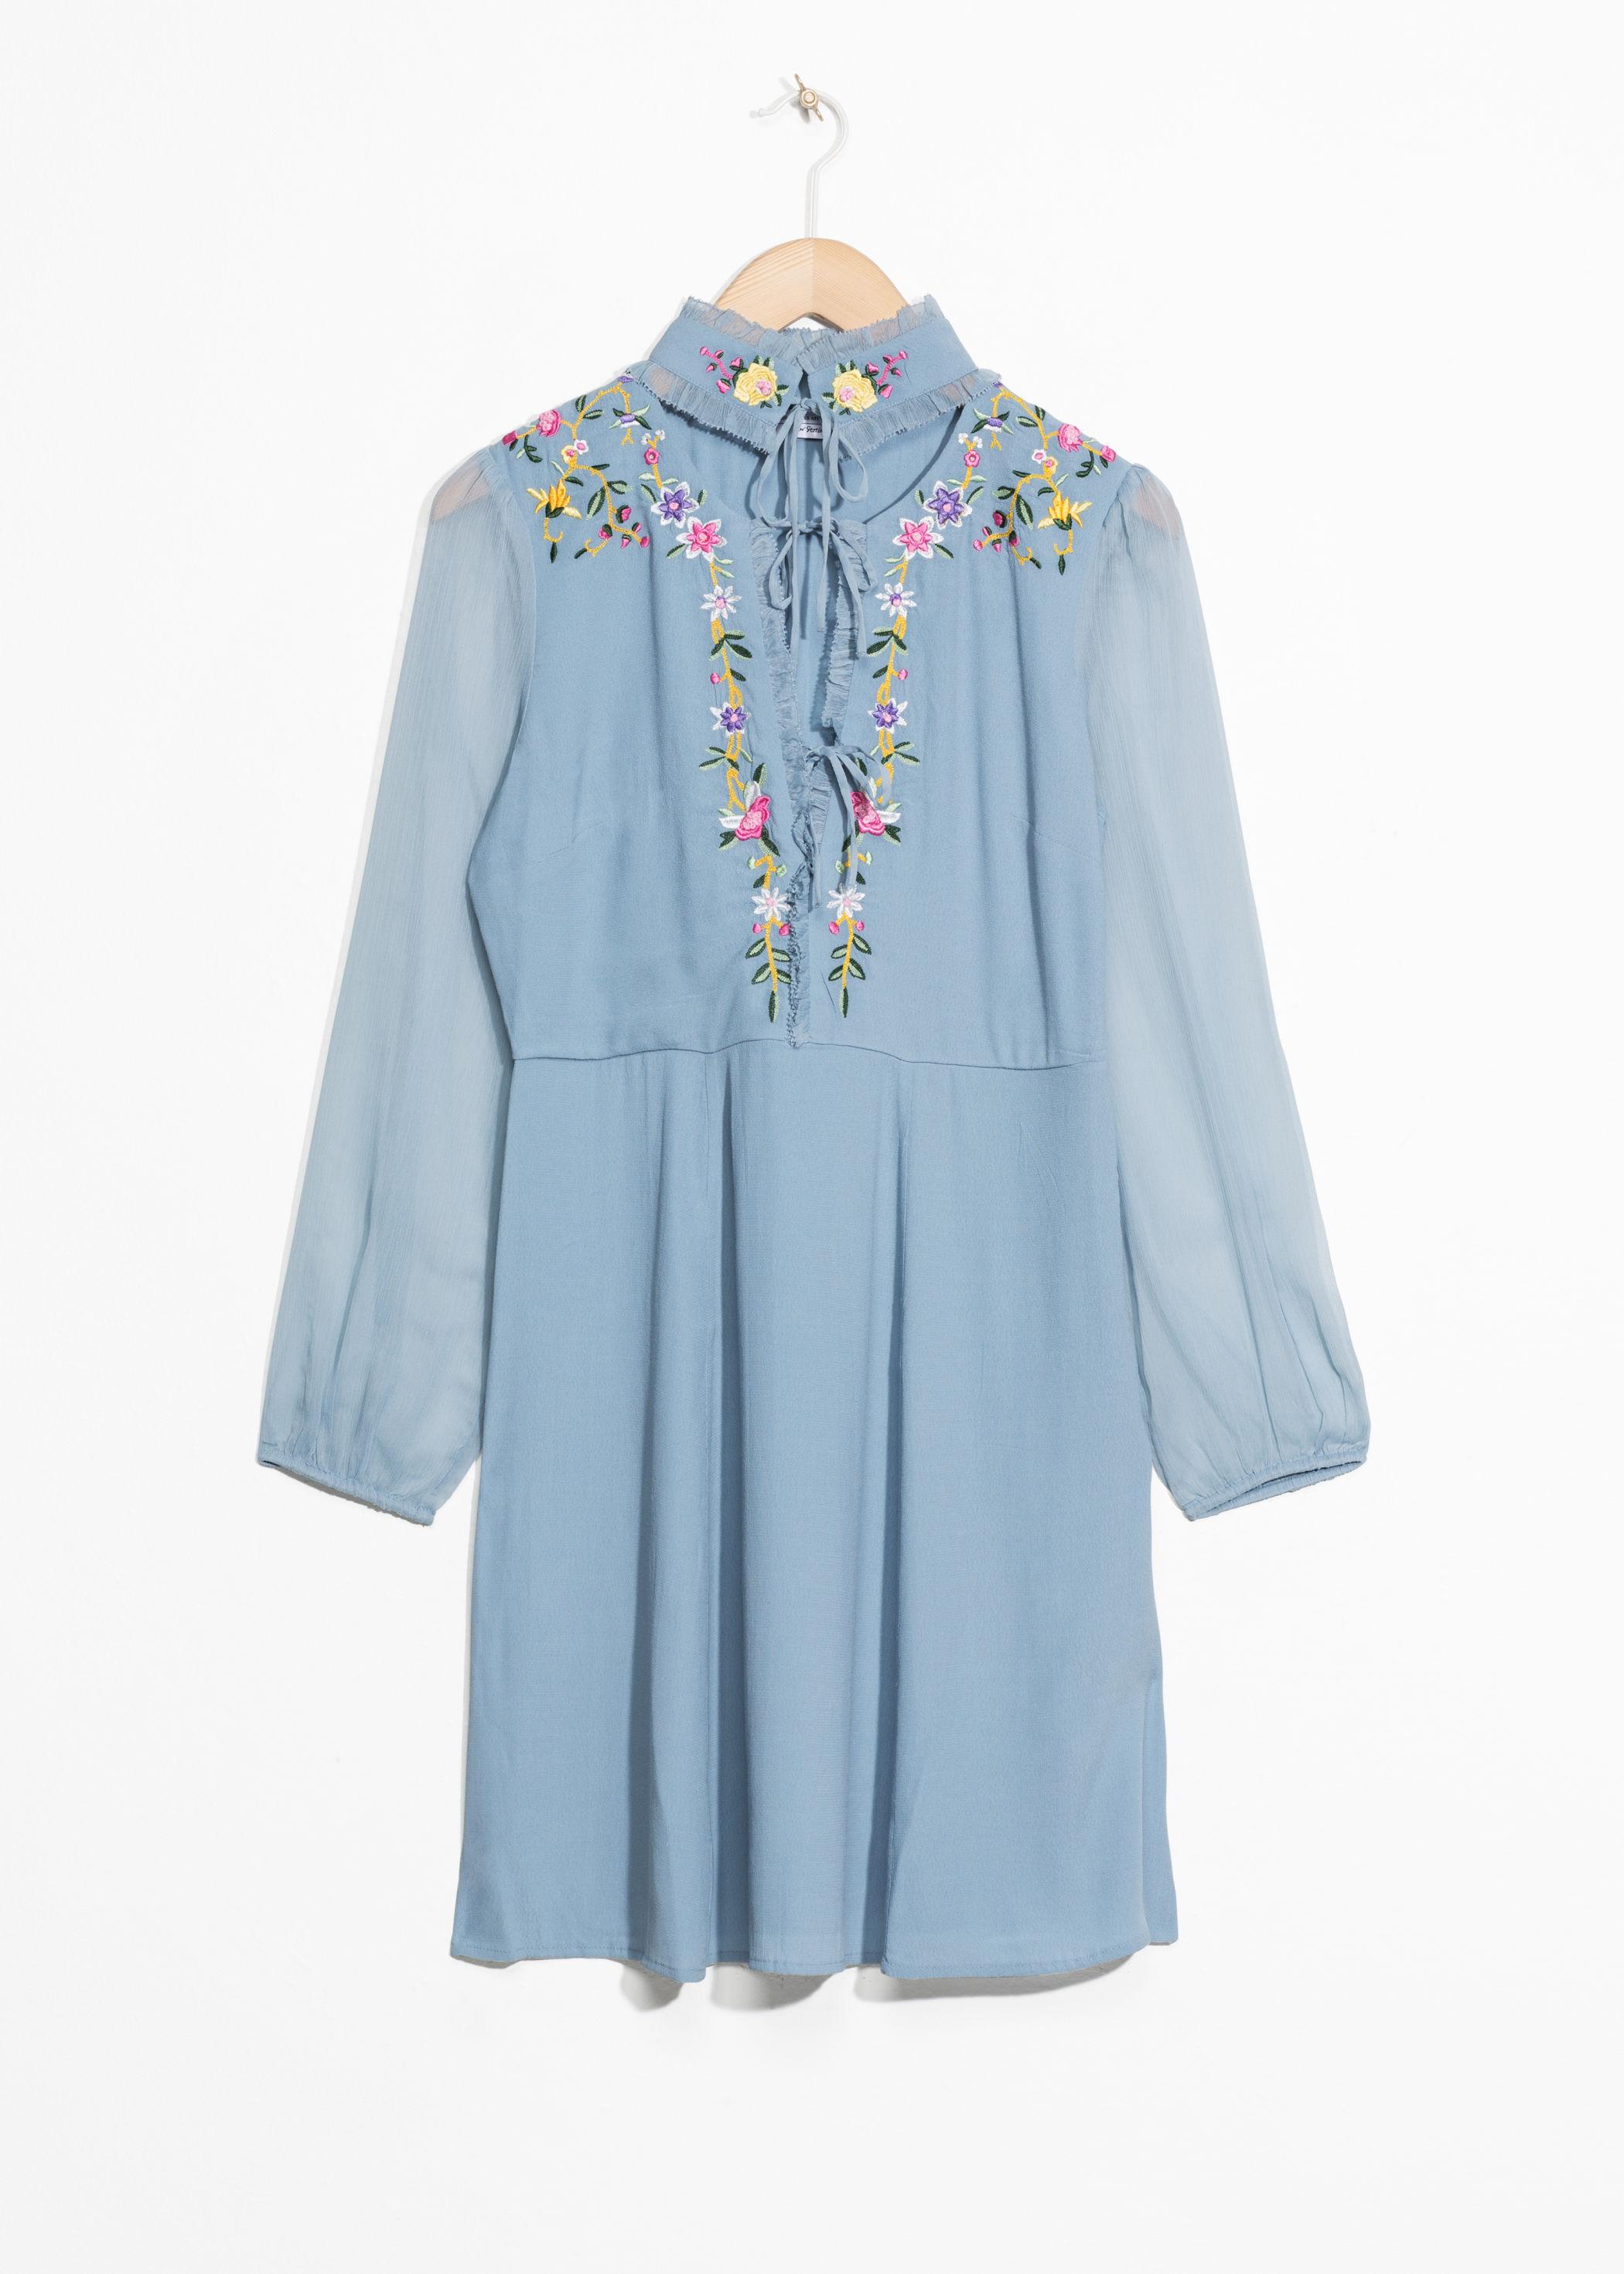 ROSE & IVY Journal The Find A Vintage Inspired Floral Dress